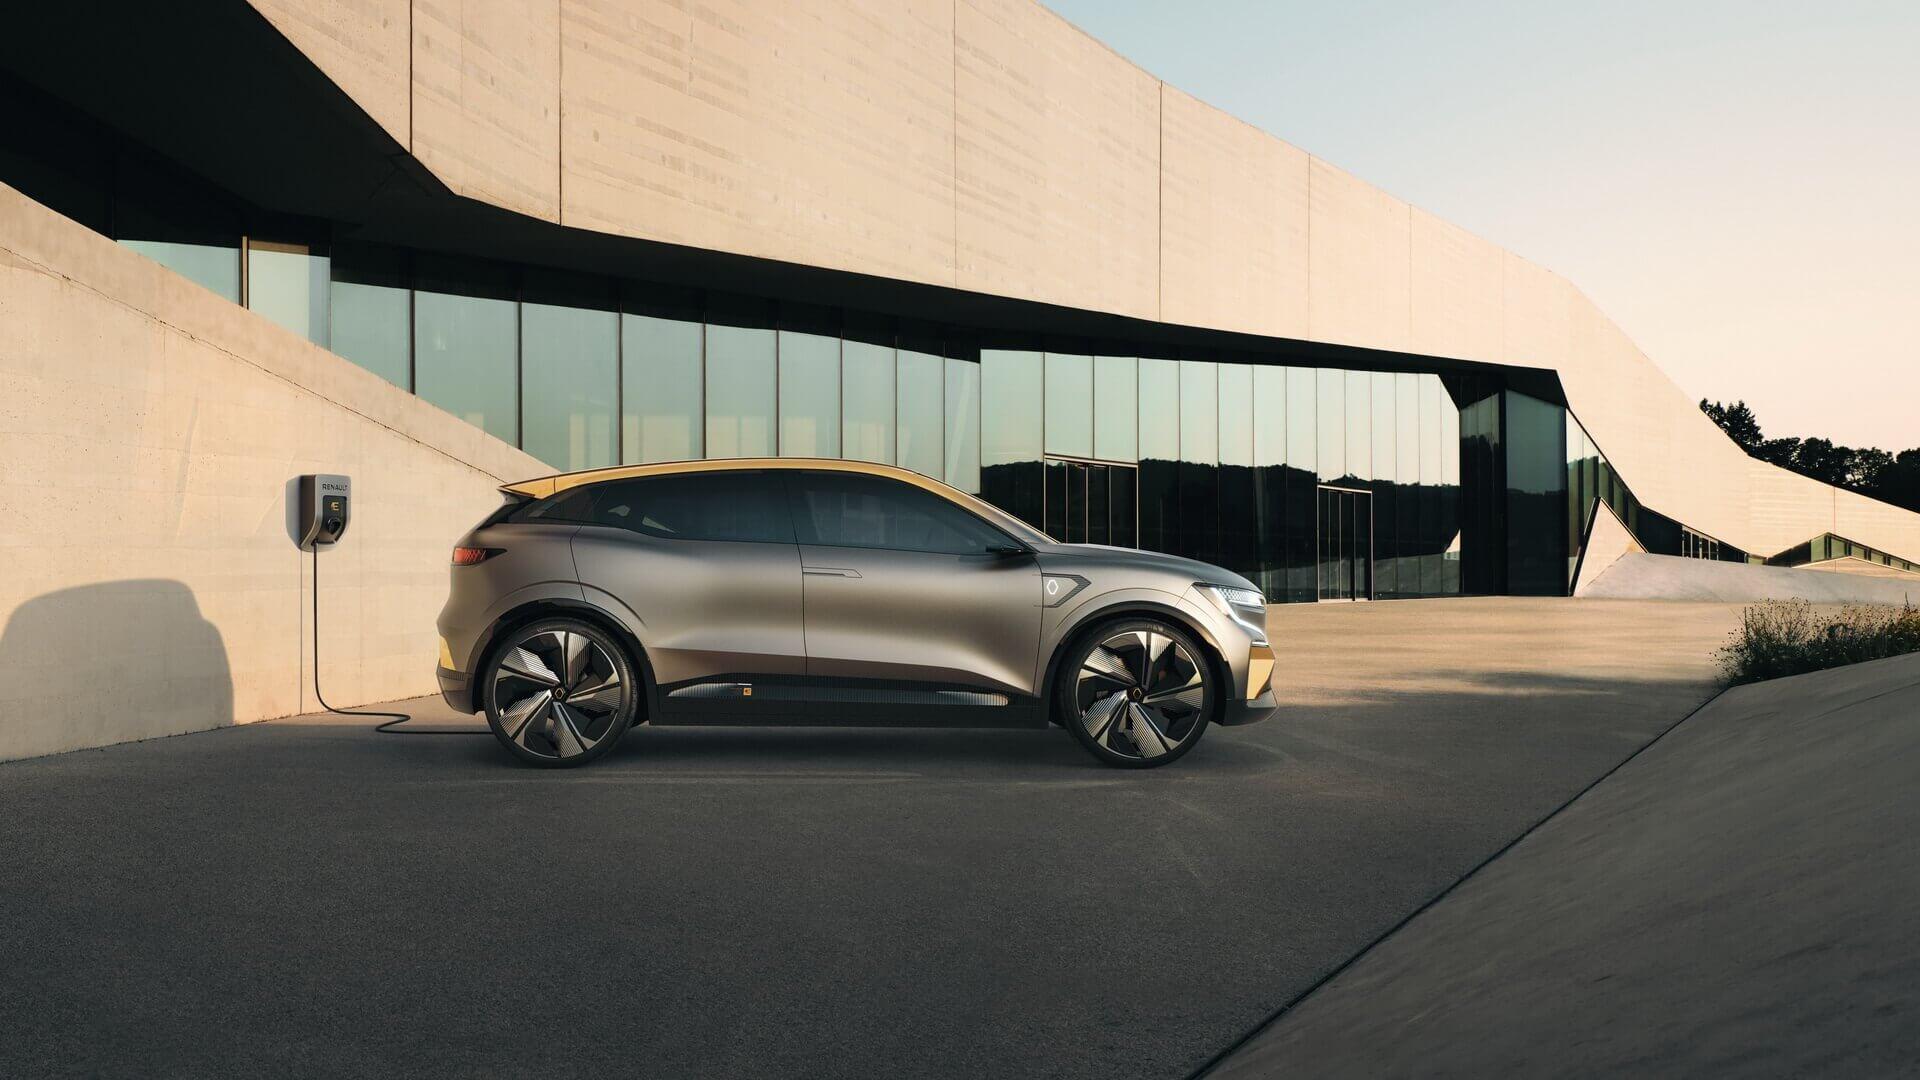 Renault открывает новую главу в электрификации: встречайте электрический концепт Megane eVision